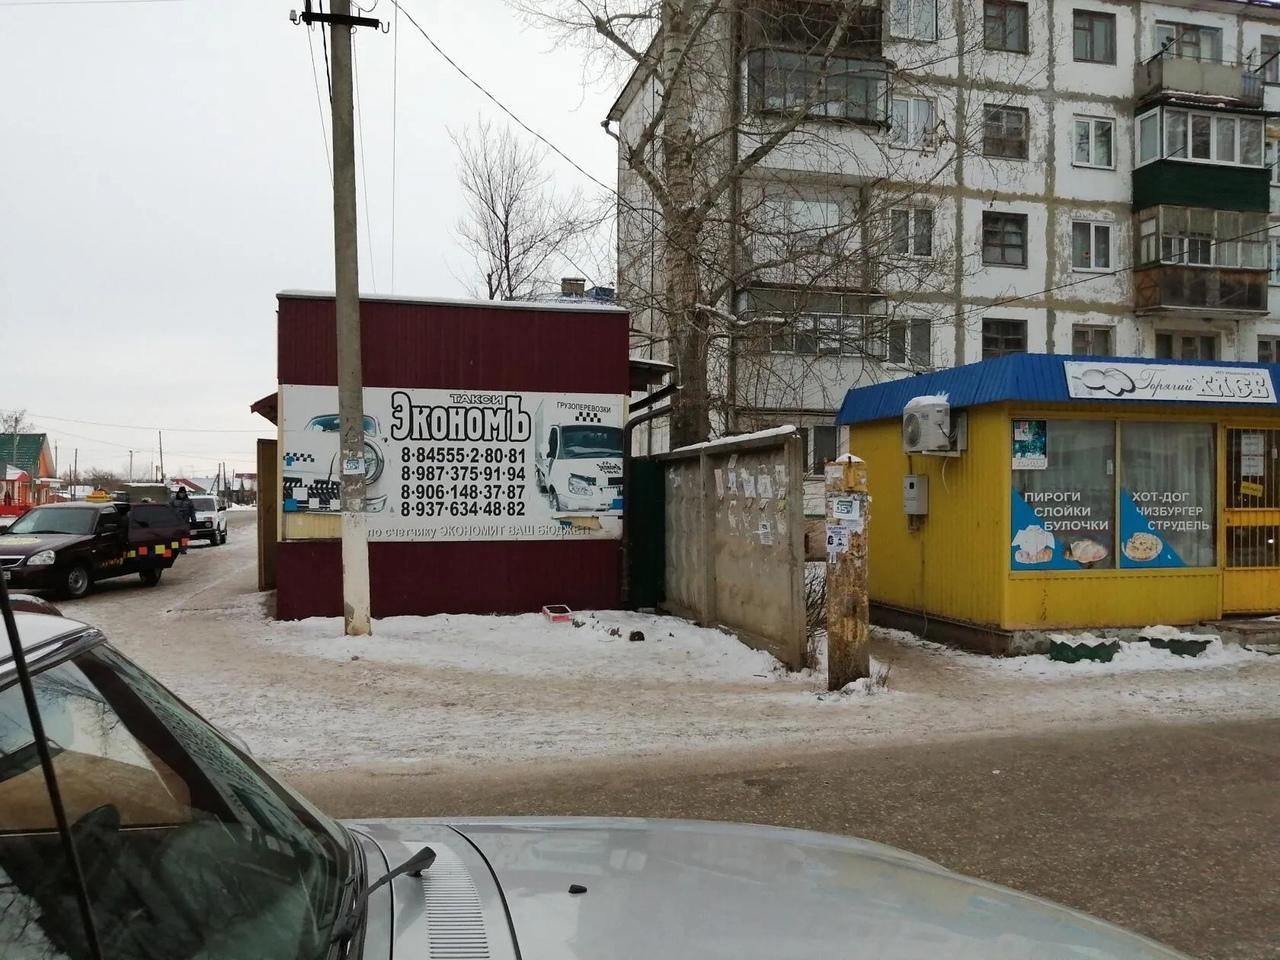 В Петровске состоялся очередной рейд по выявлению фактов несанкционированной торговли